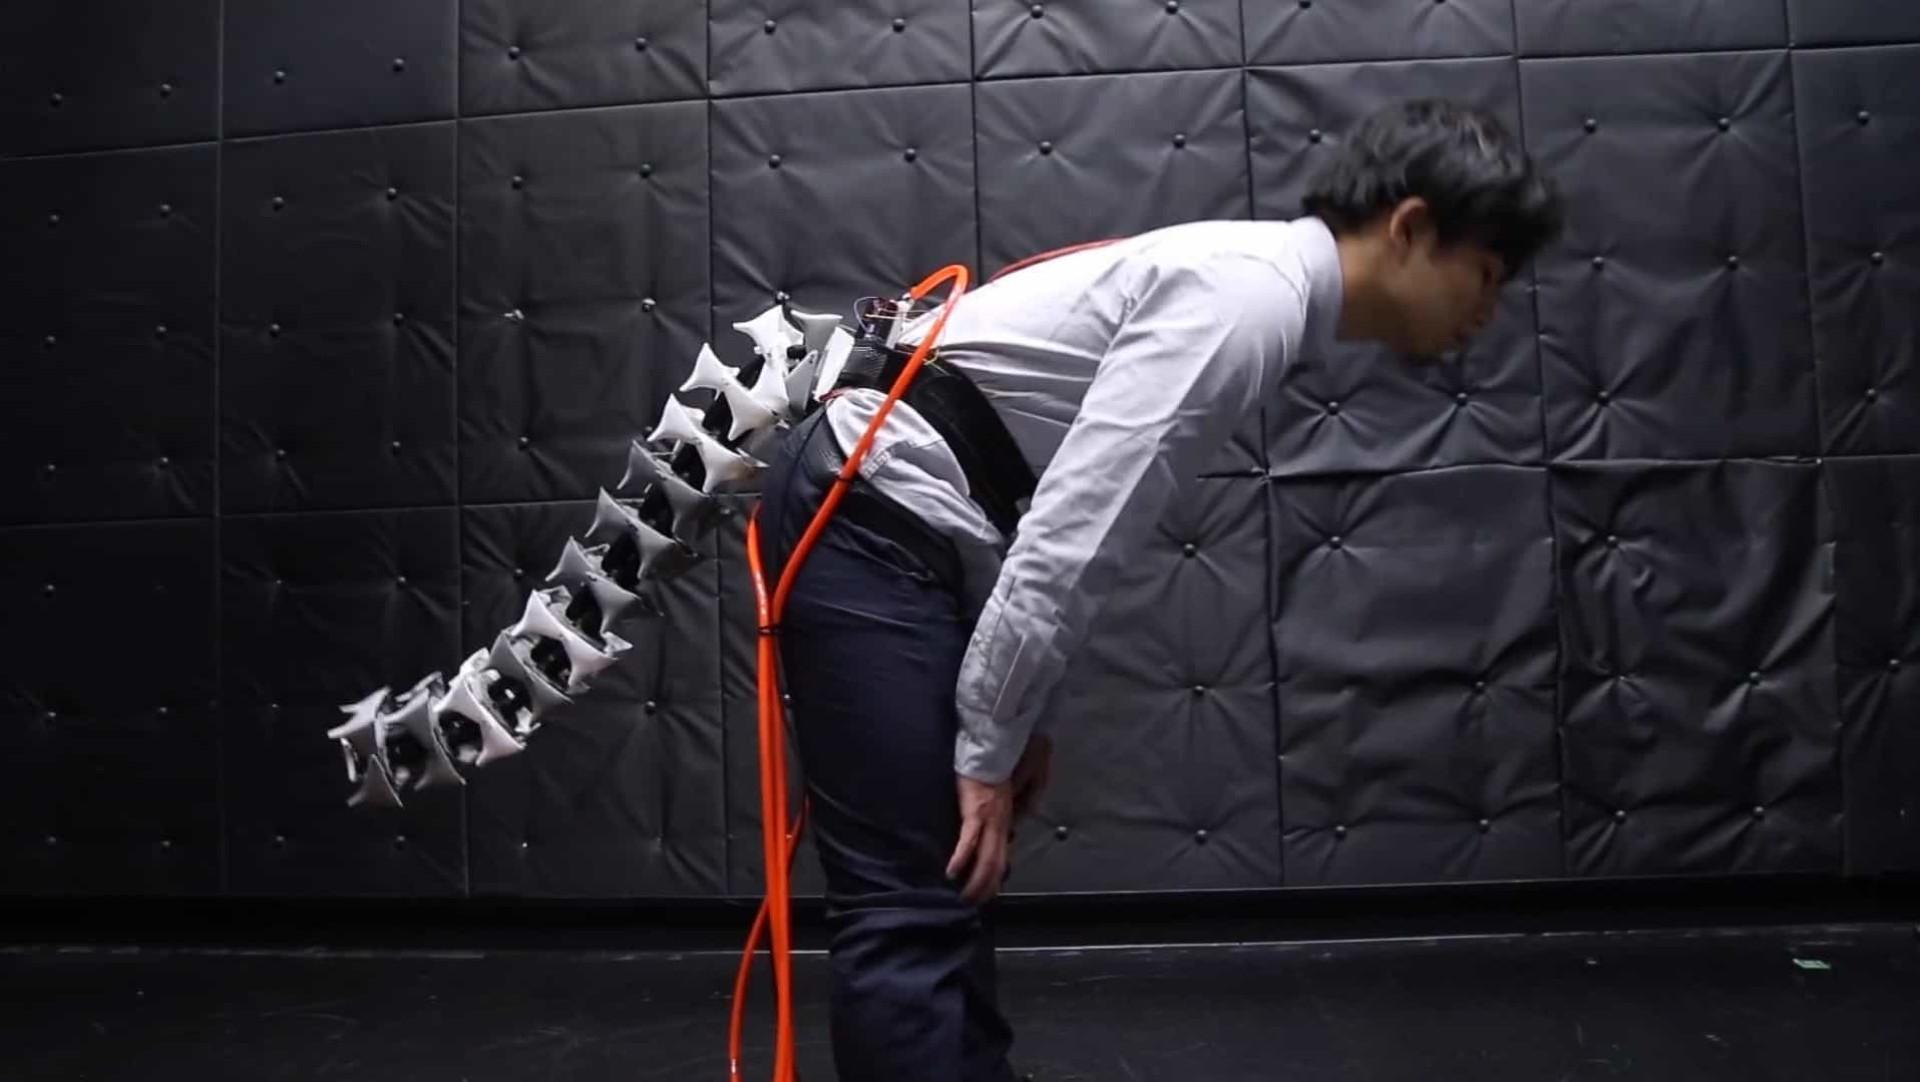 Investigadores querem impedir que tropece com cauda robótica